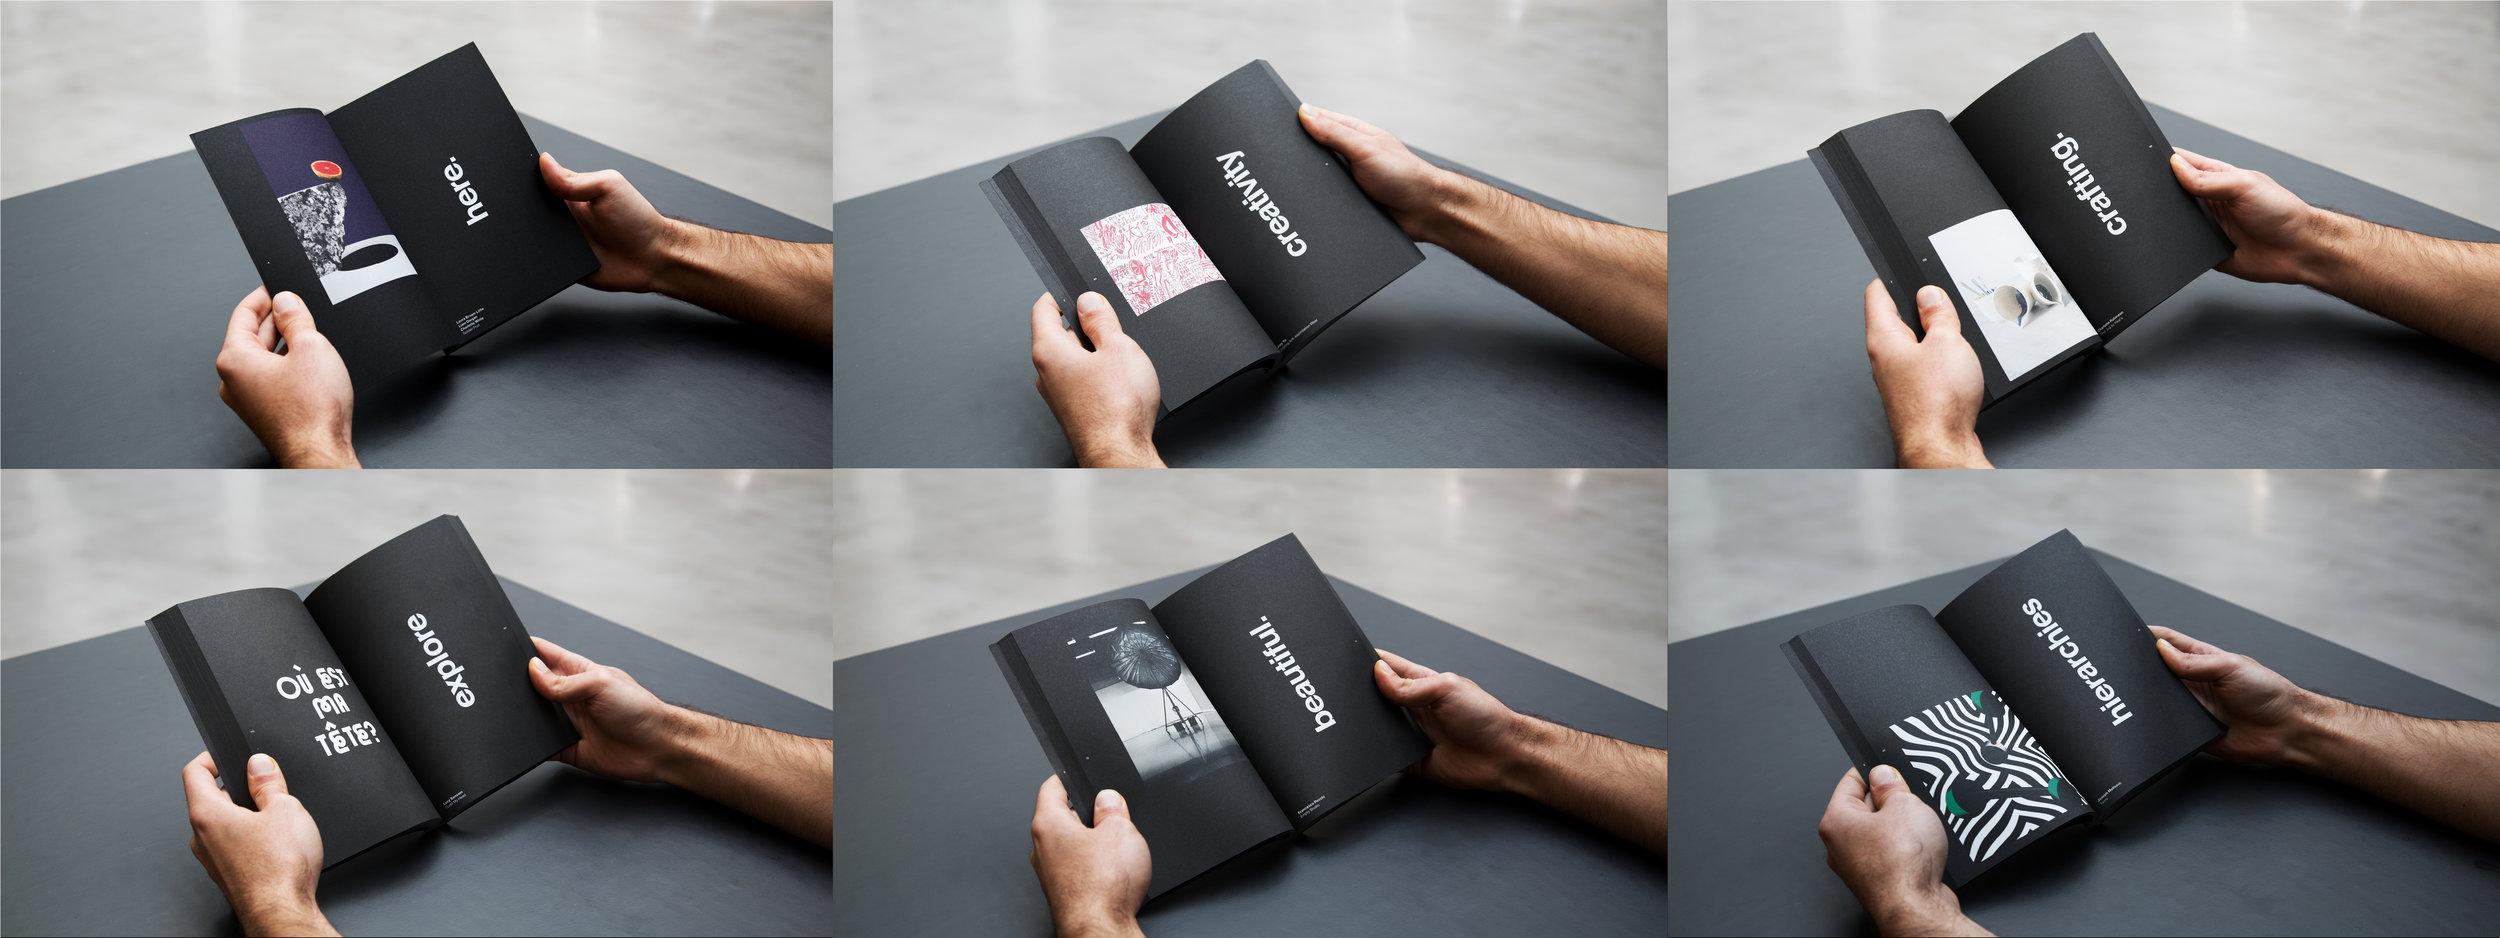 KSA book.jpg